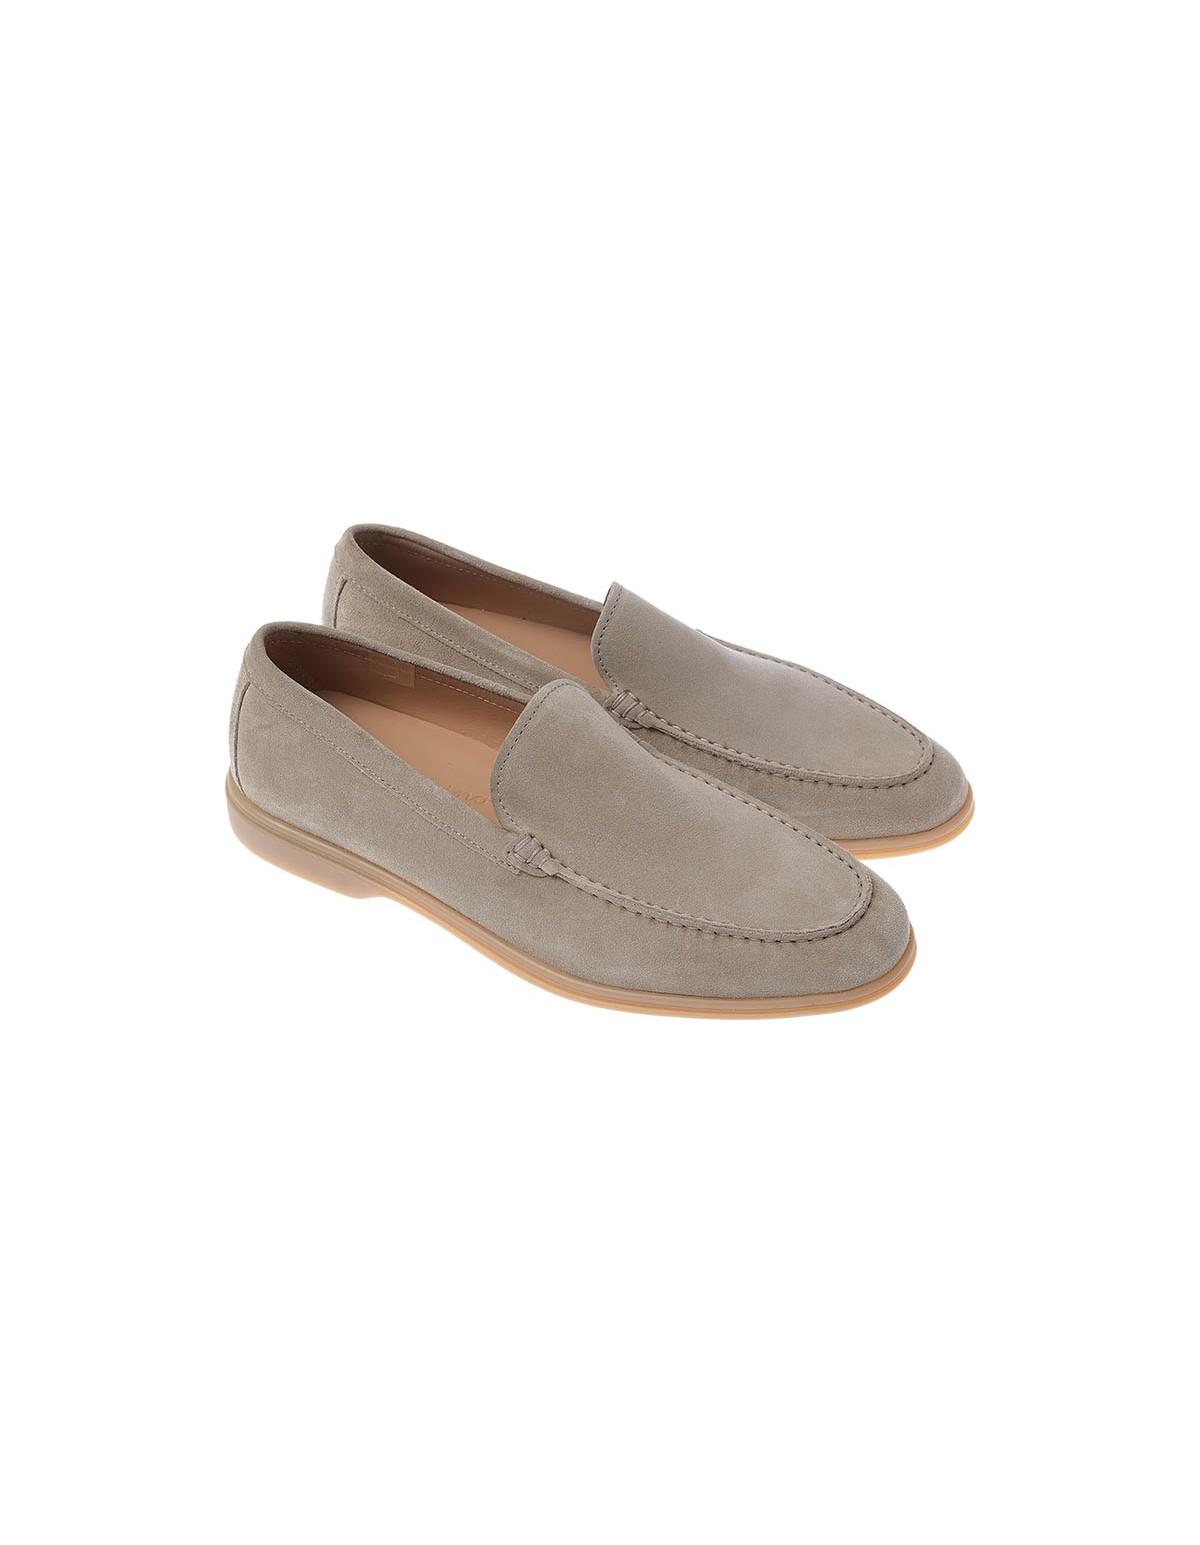 Παπούτσια Riviera Loafers Beige